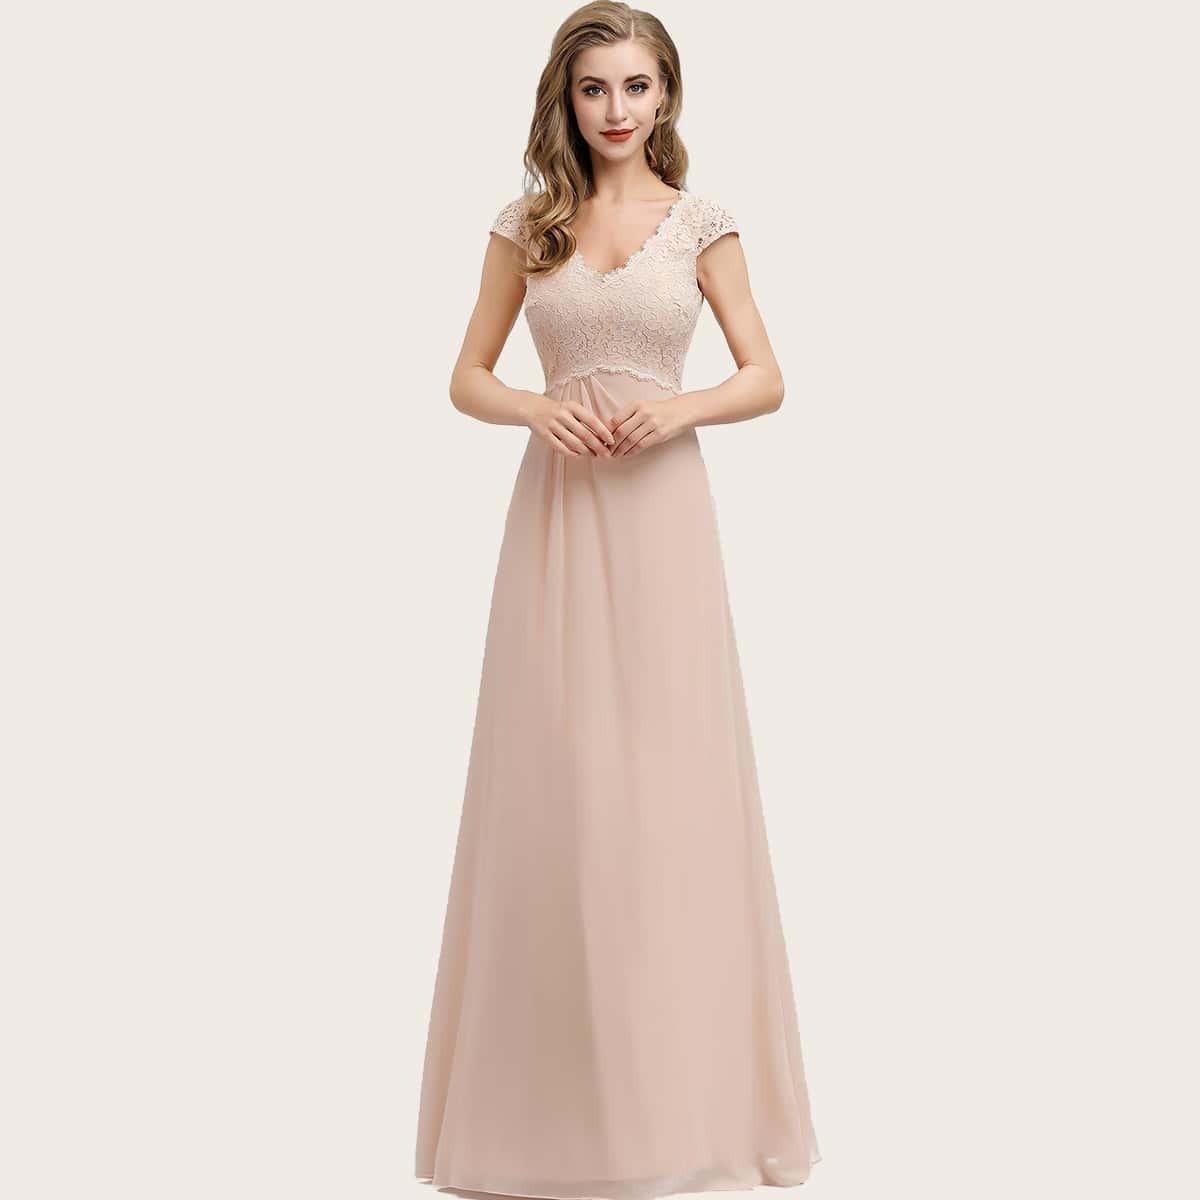 EverPretty Кружевное платье с молнией сзади фото